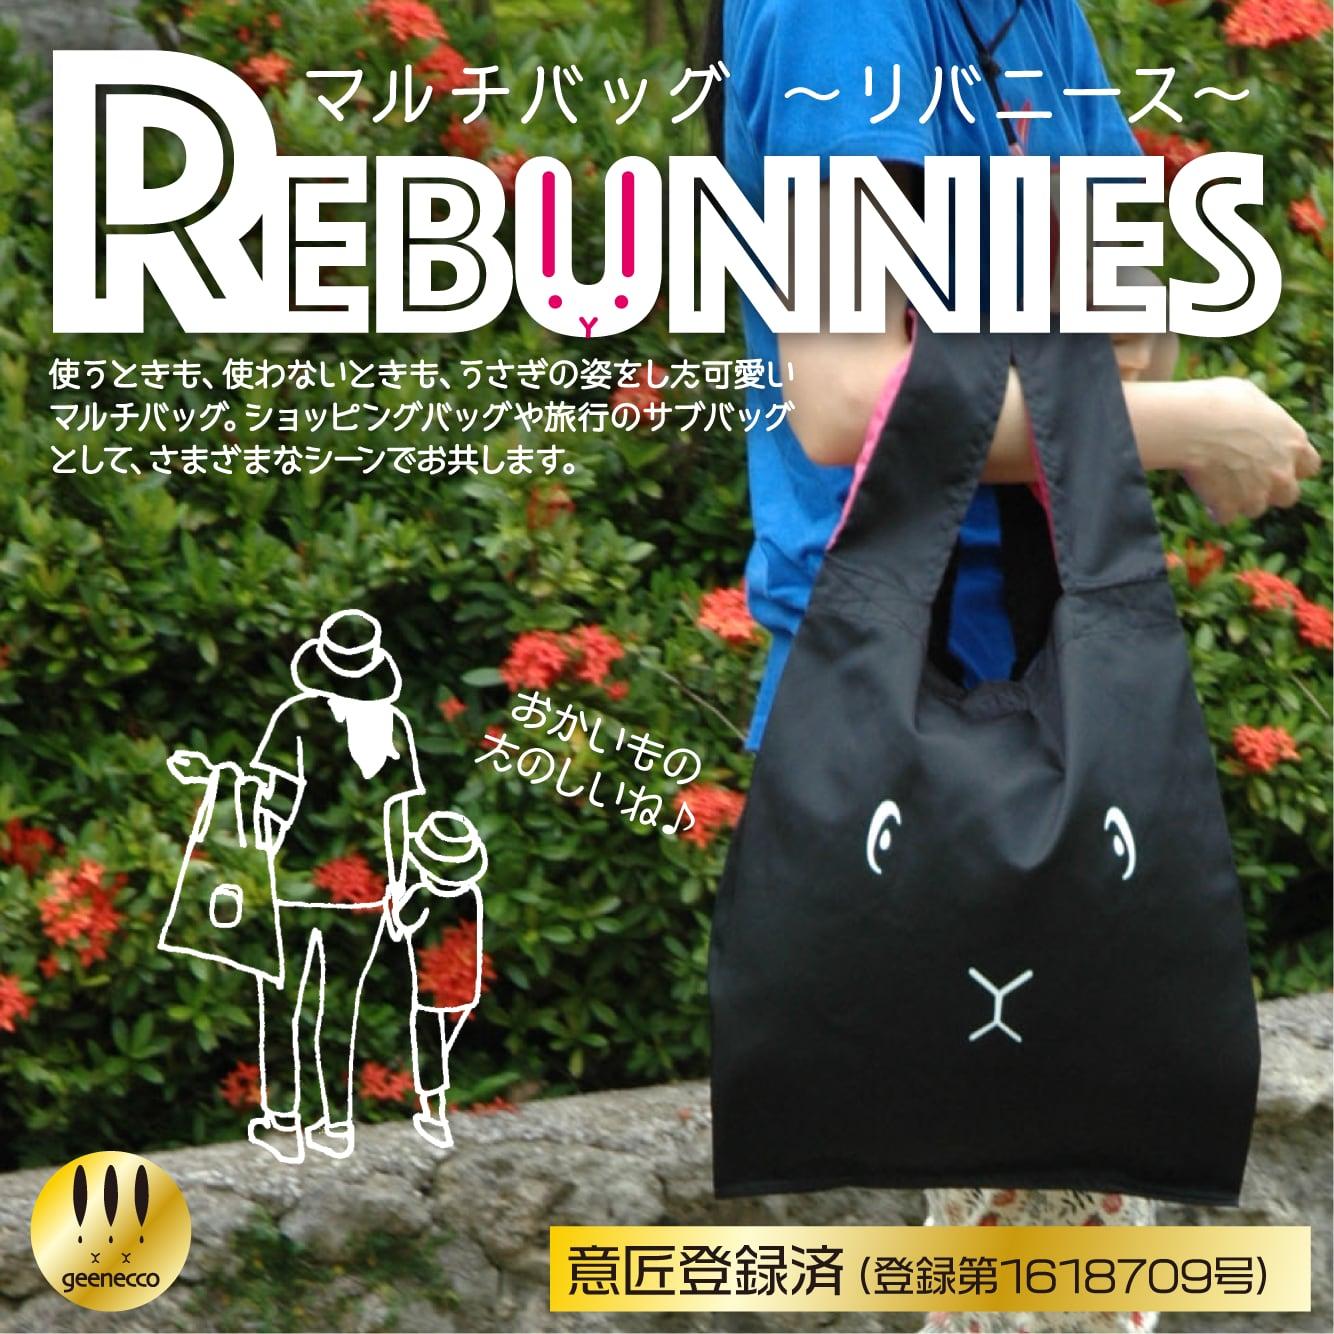 【再販】うさぎがウサギに変身するバッグ REBUNNIES(リバニース)ブラック×ピンク